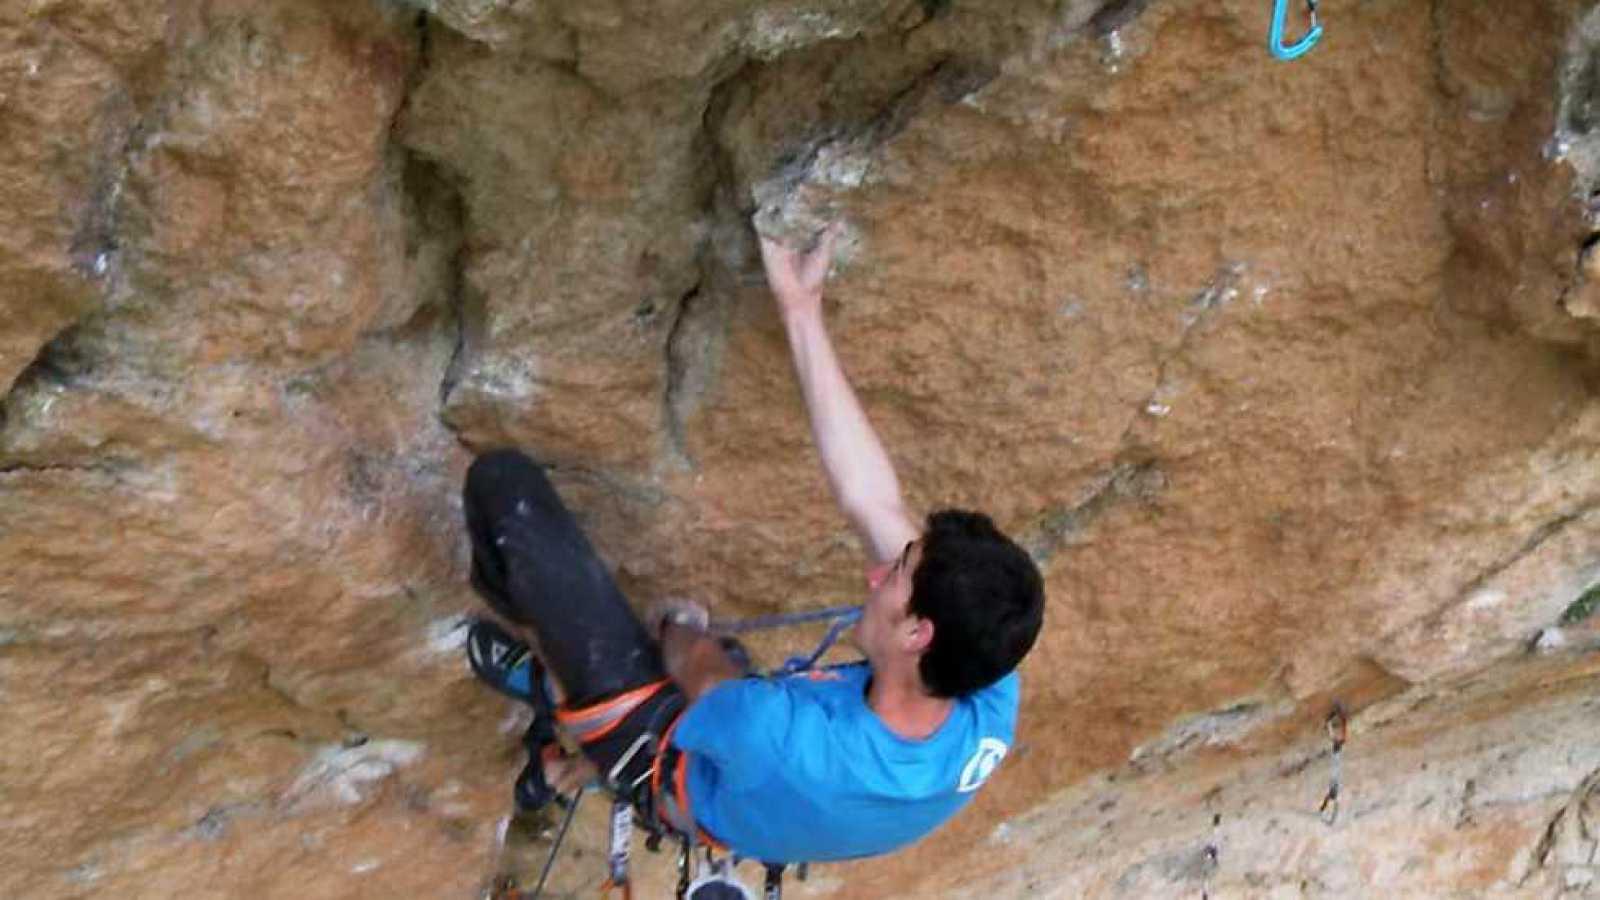 Para todos los públicos Al filo de lo imposible - Escalada deportiva en  Siurana - Ver ahora reproducir video 075eca0720c